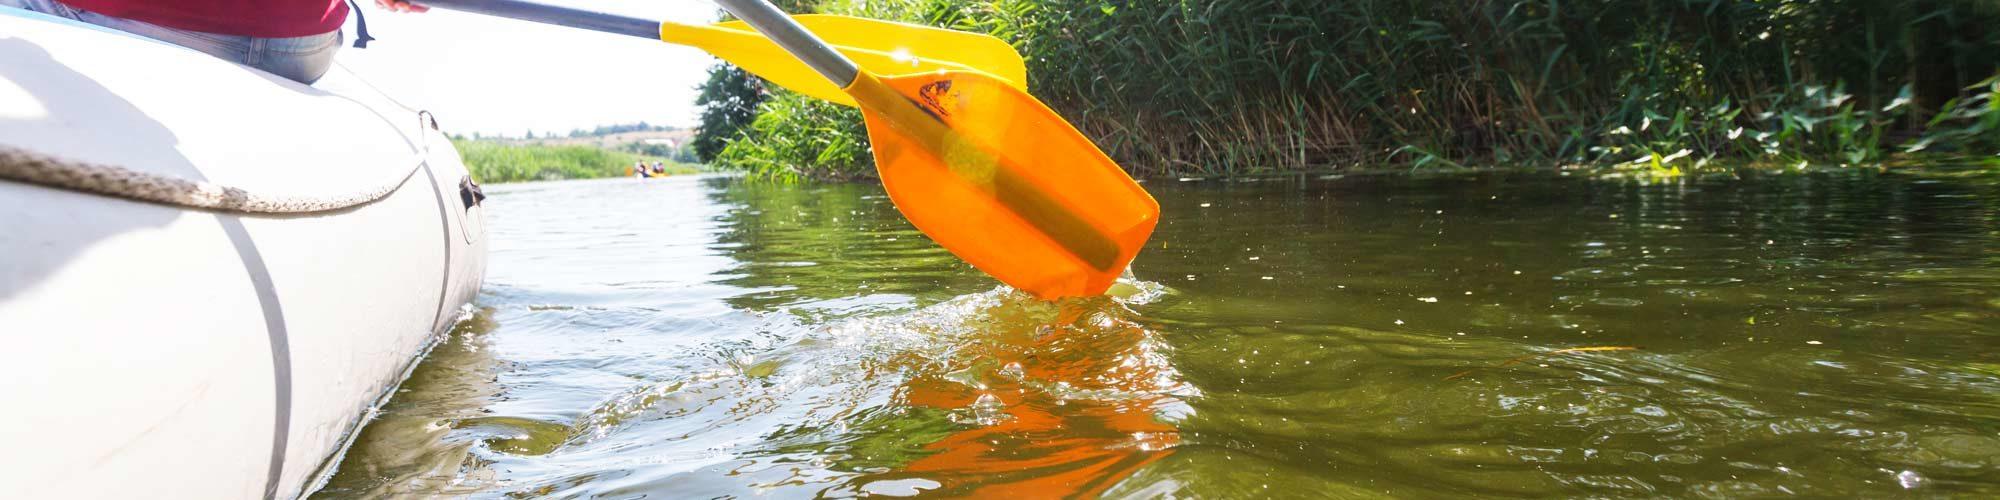 Kayakhead